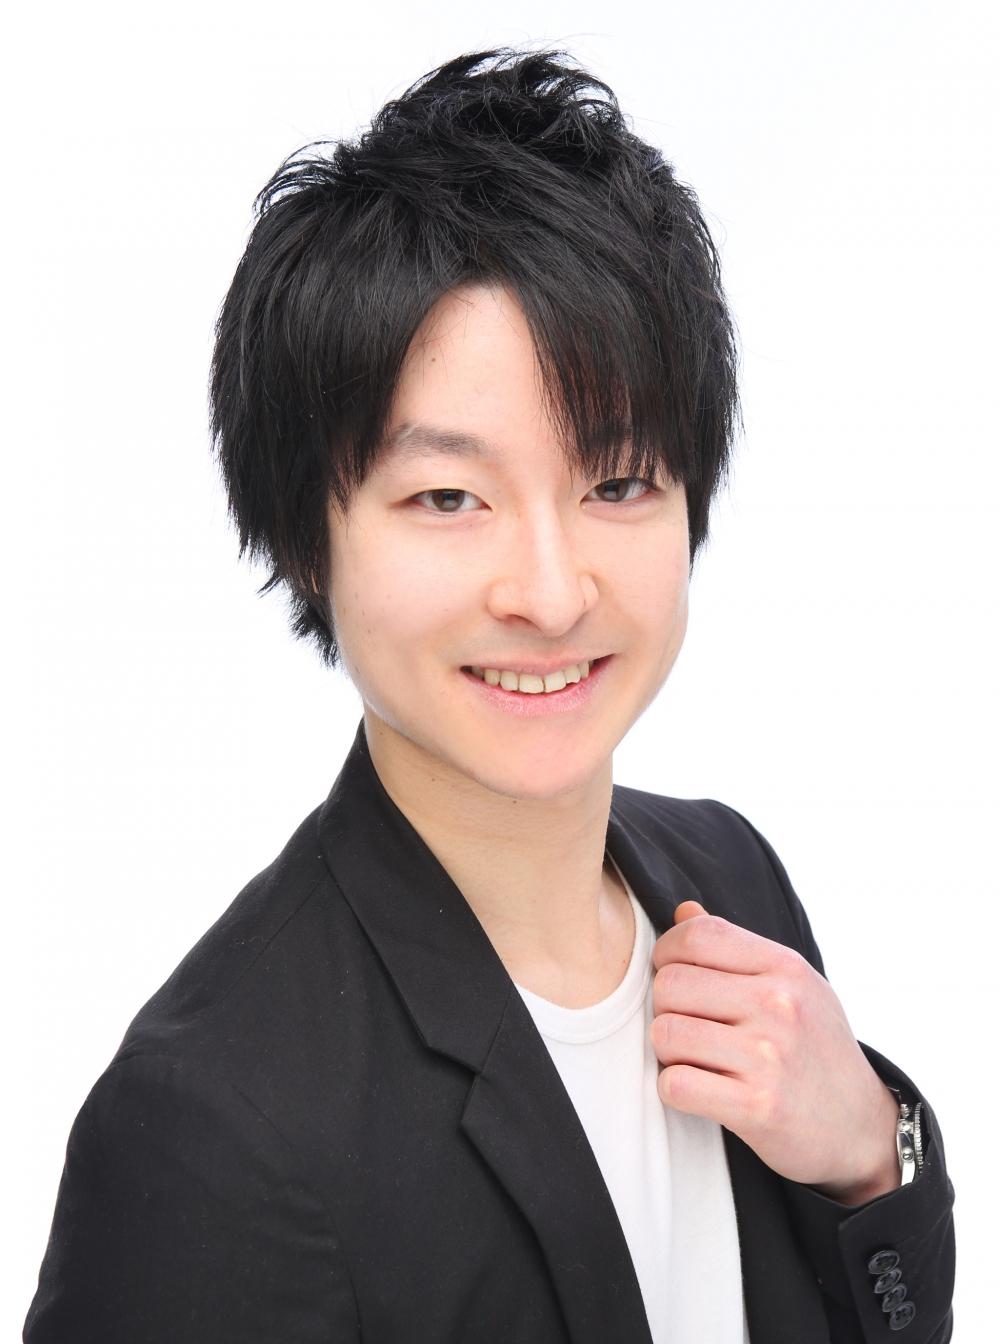 Kento Shiraishi